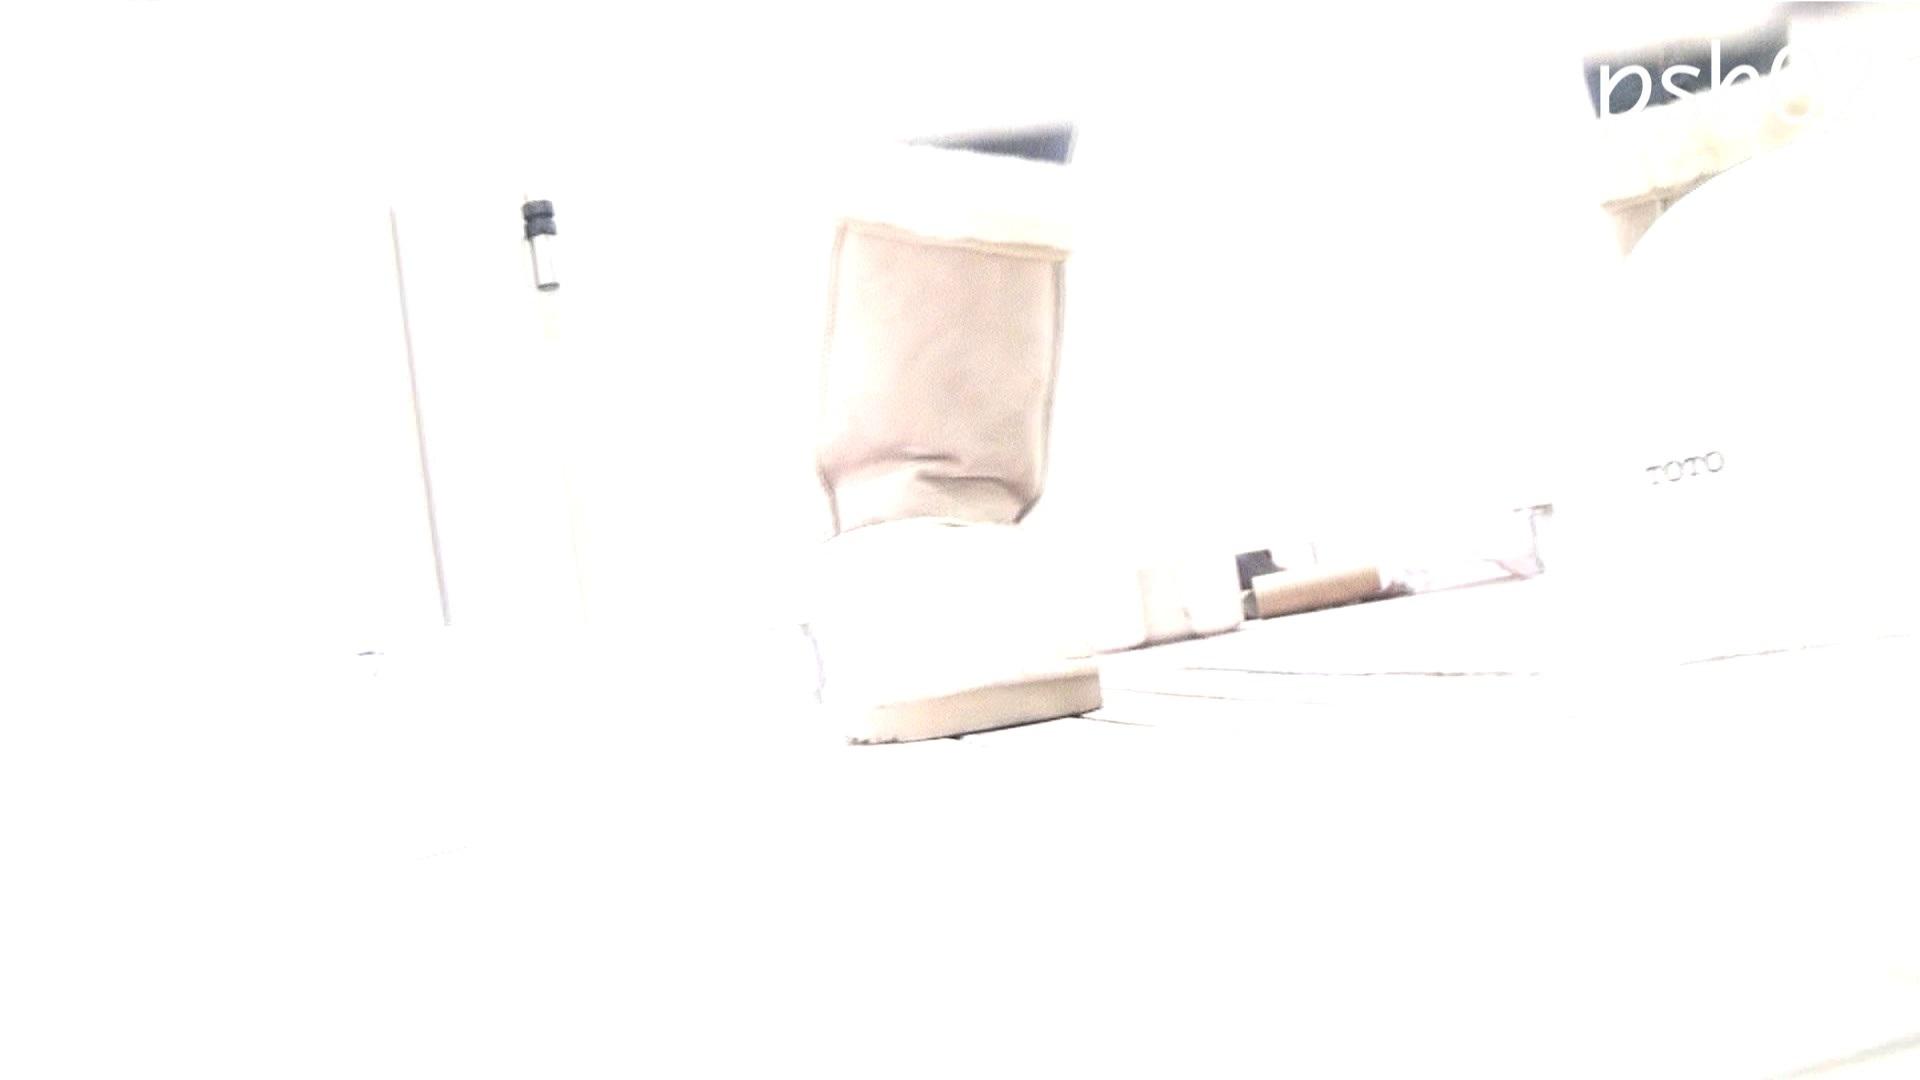 ▲復活限定▲ハイビジョン 盗神伝 Vol.2 盛合せ オメコ無修正動画無料 77枚 60